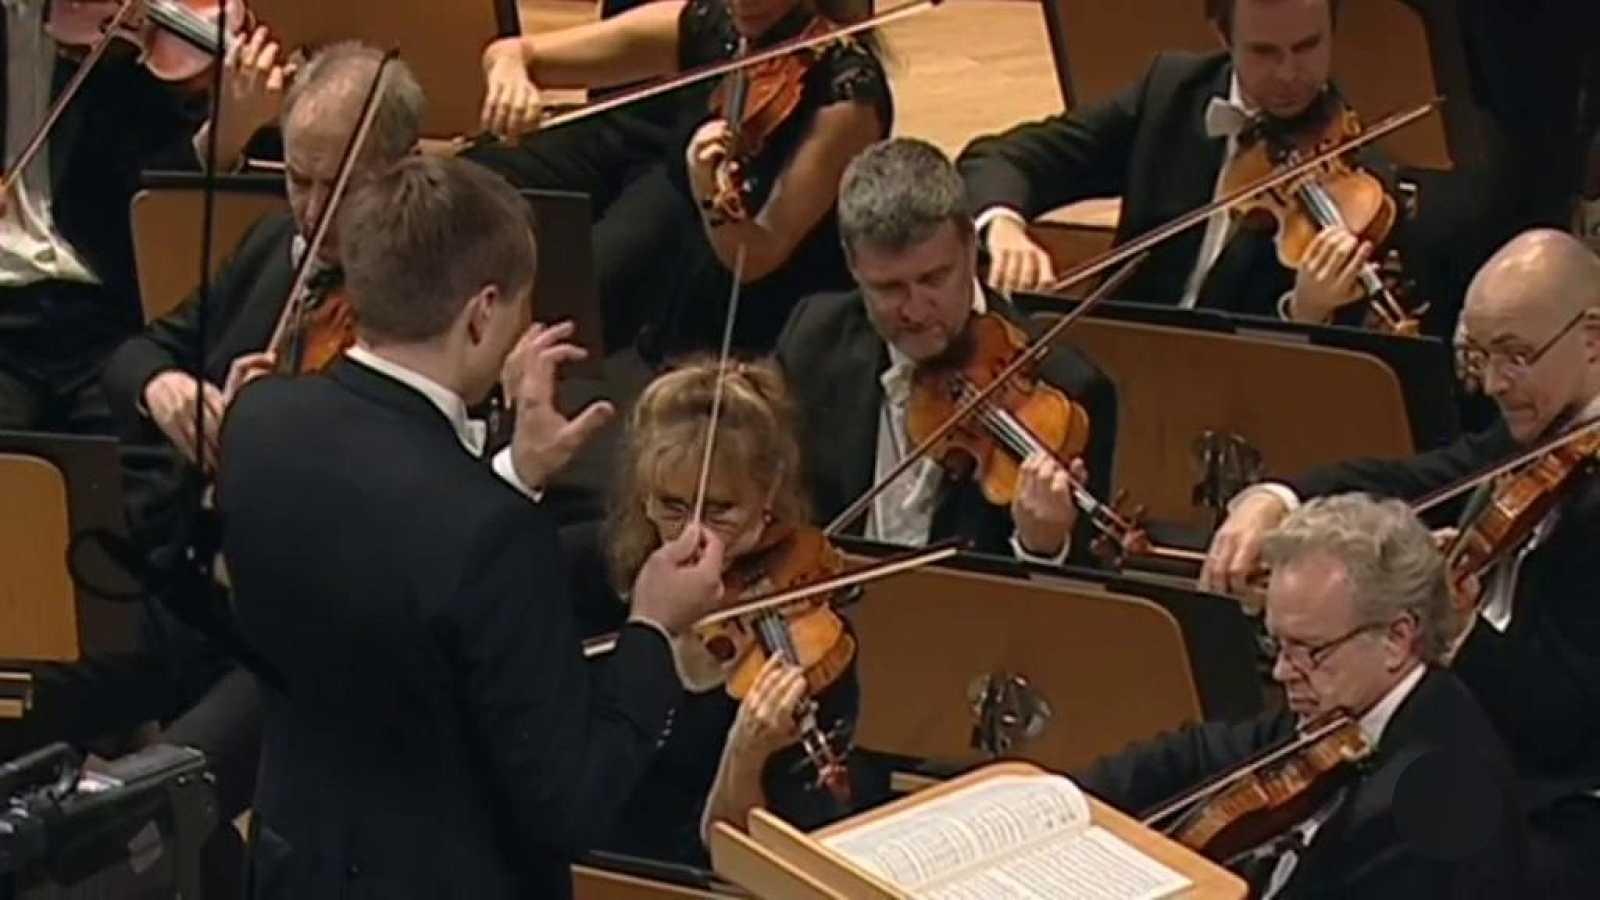 Los conciertos de La 2 - IBERMÚSICA: Orquesta Filarmónica de Oslo (1 parte) - ver ahora